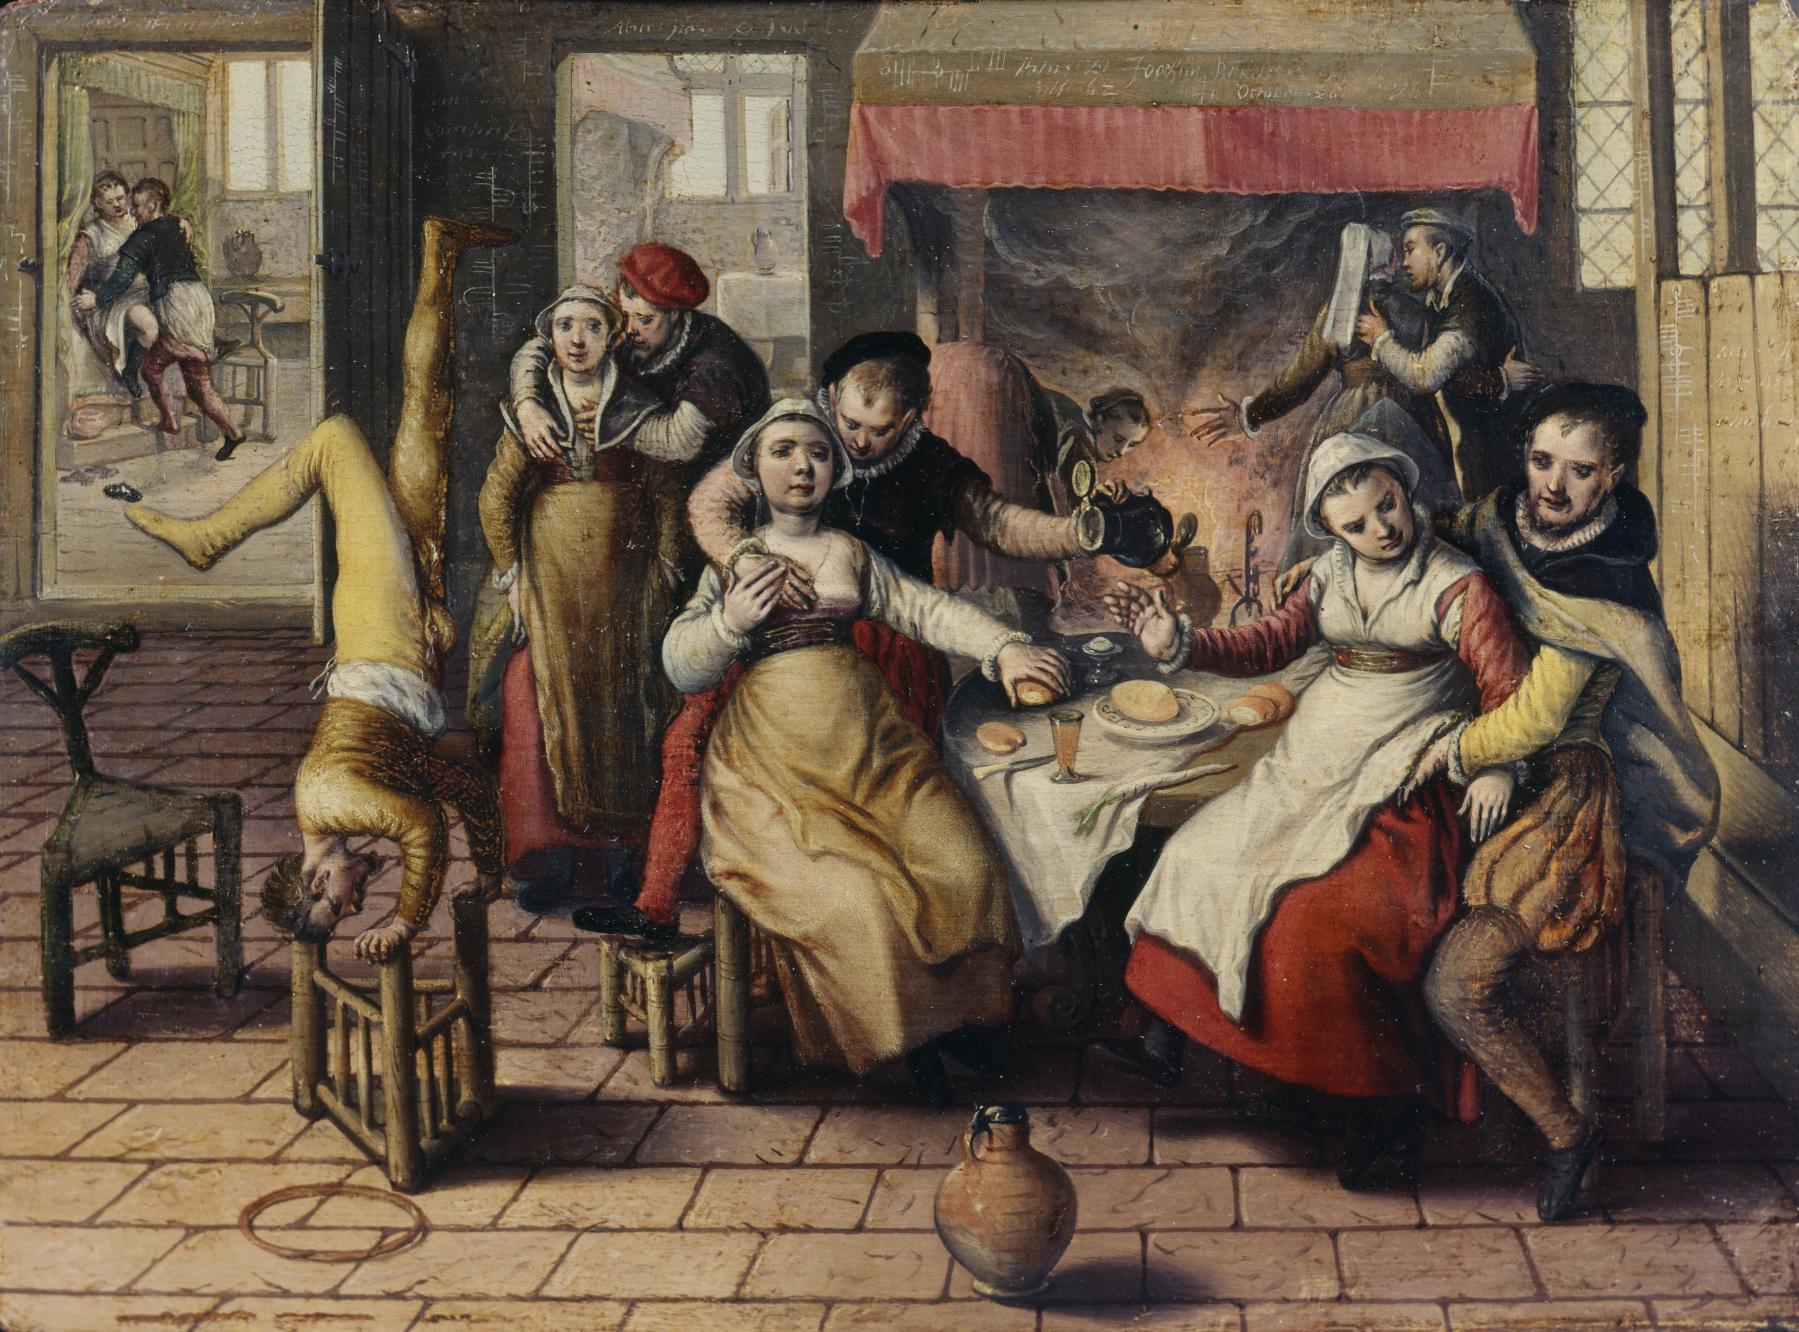 Картинки по запросу medieval picture prostitutes